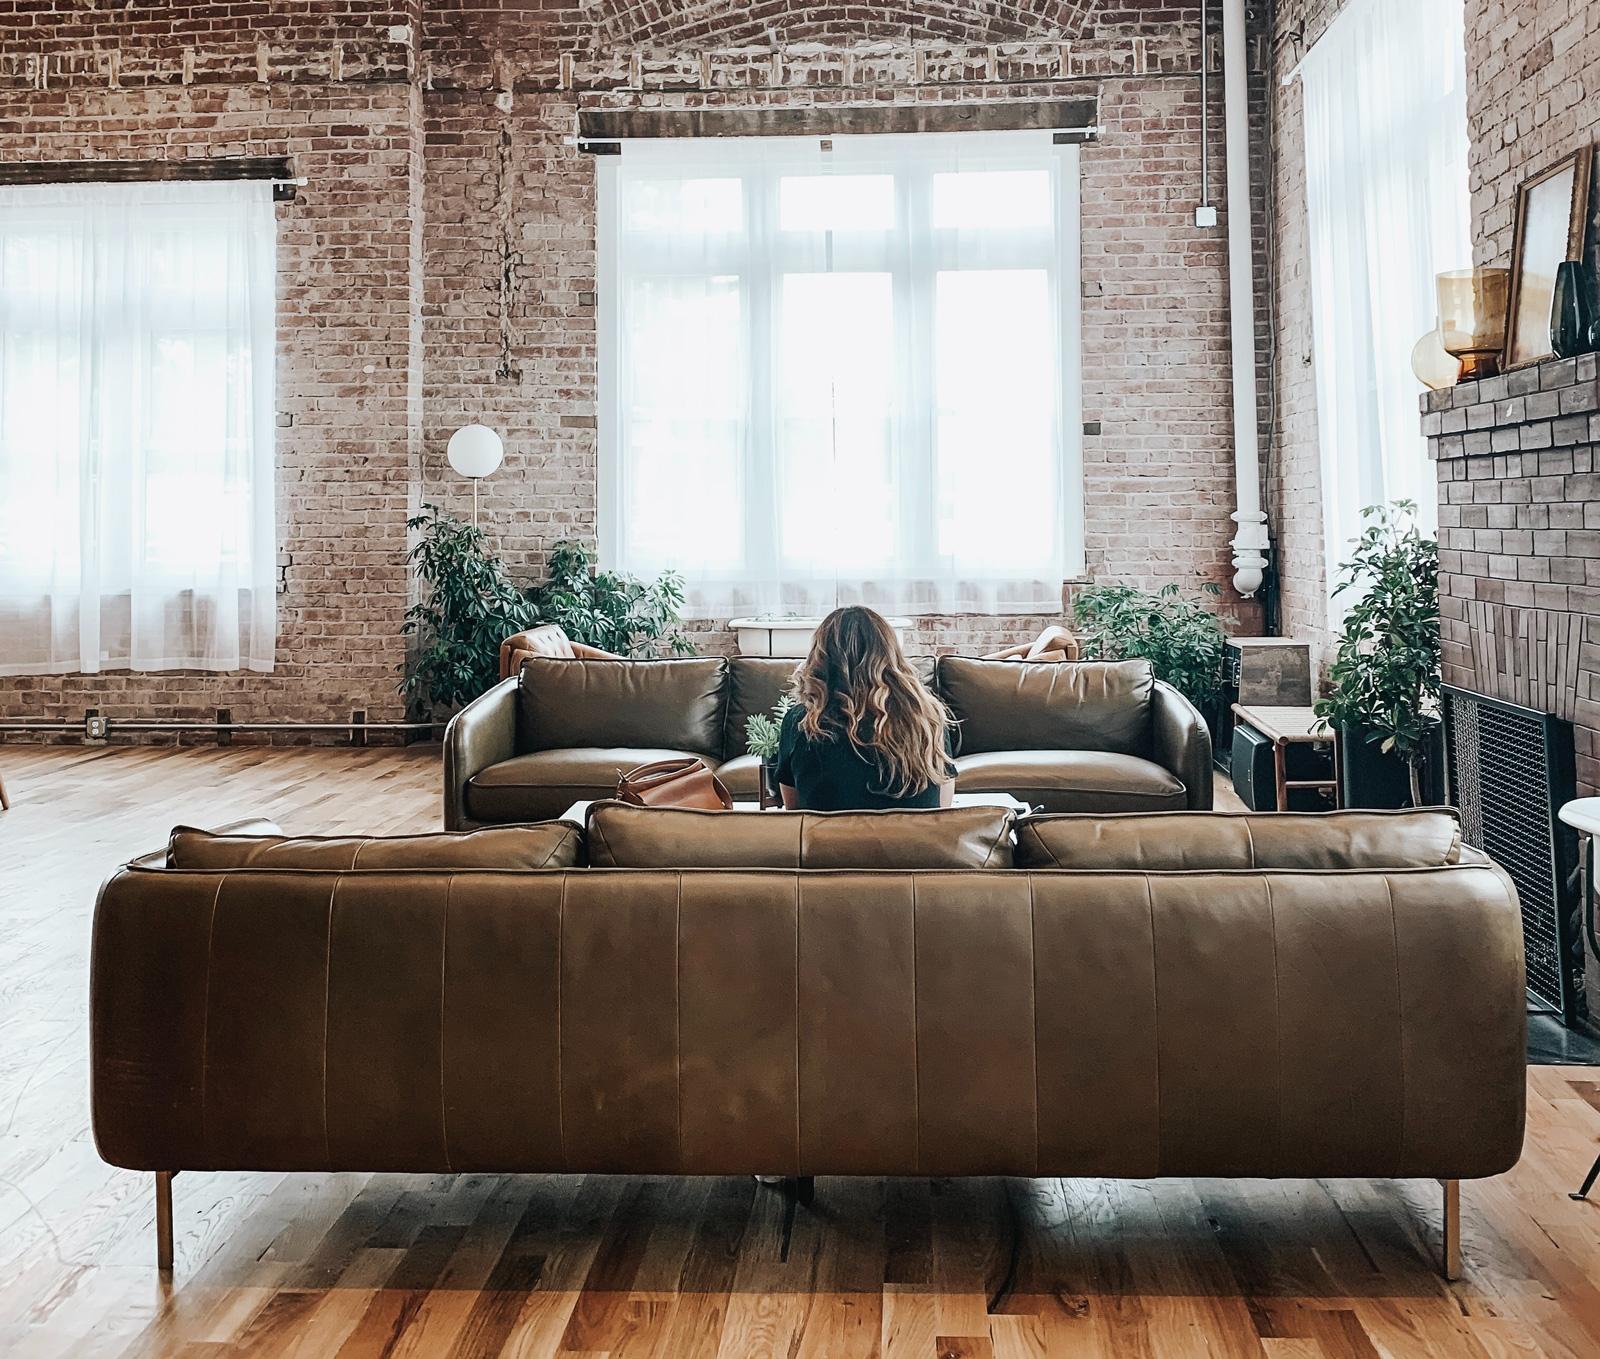 Ein Muss für den Loft-Stil: Unverputzte Wände